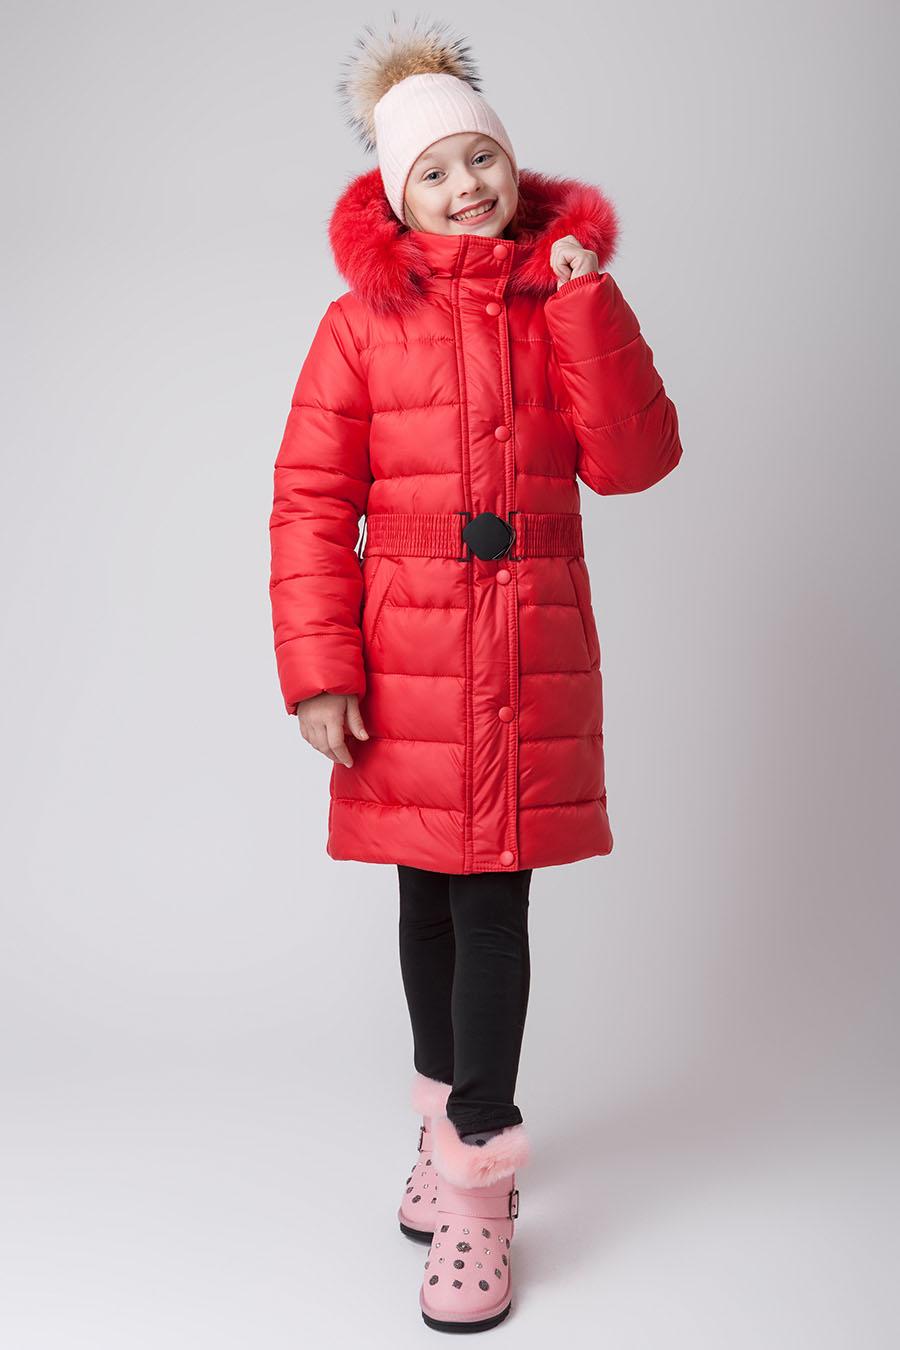 №17834 Верхняя одежда для детей оптом от TM Barbarris